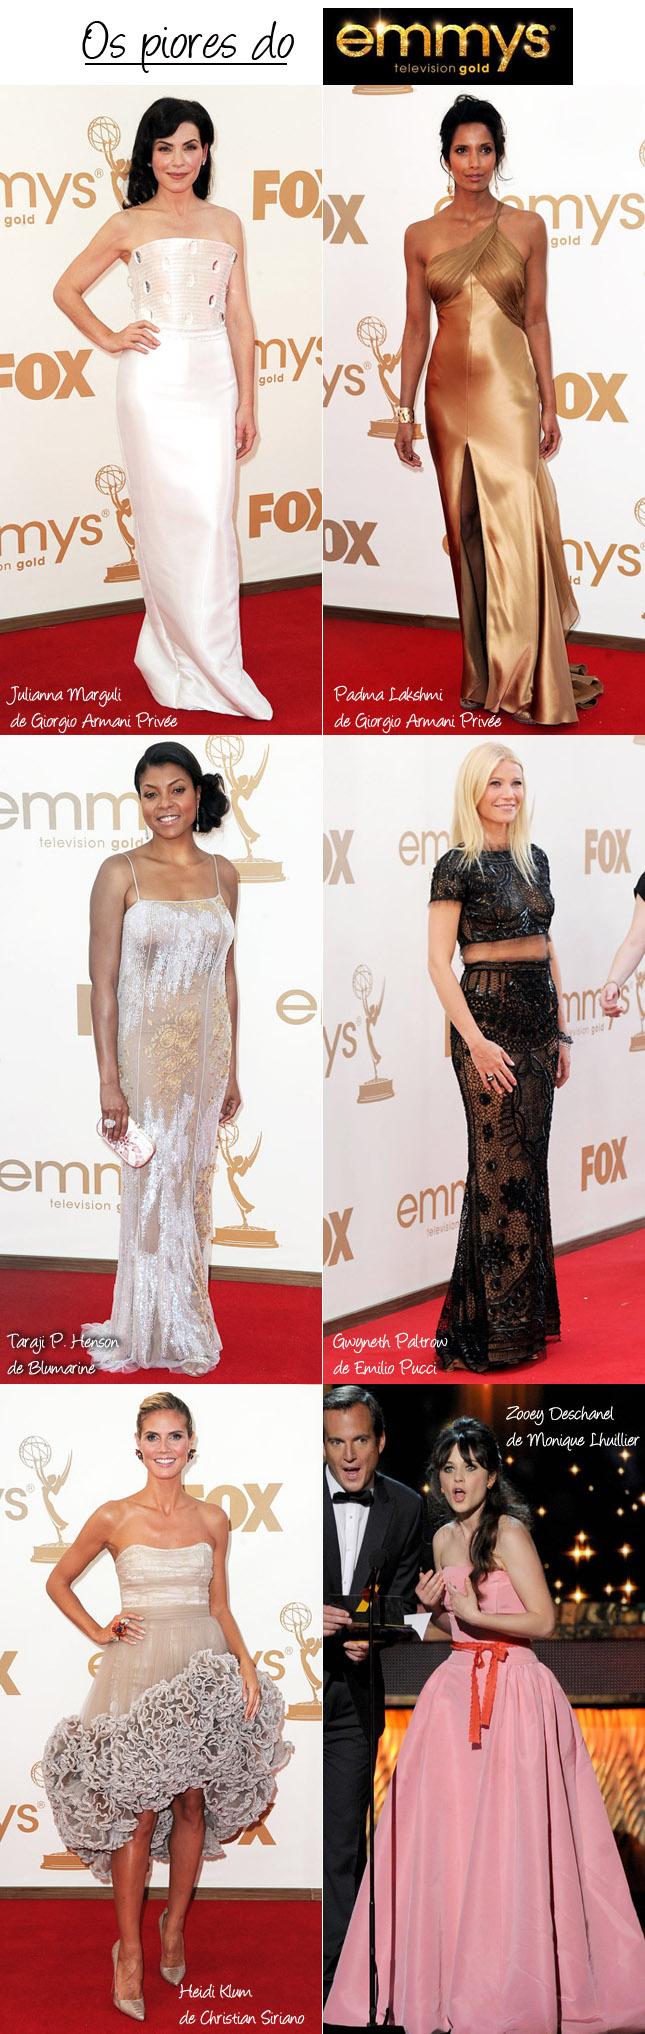 Os Vestidos Mais Feios do Emmy